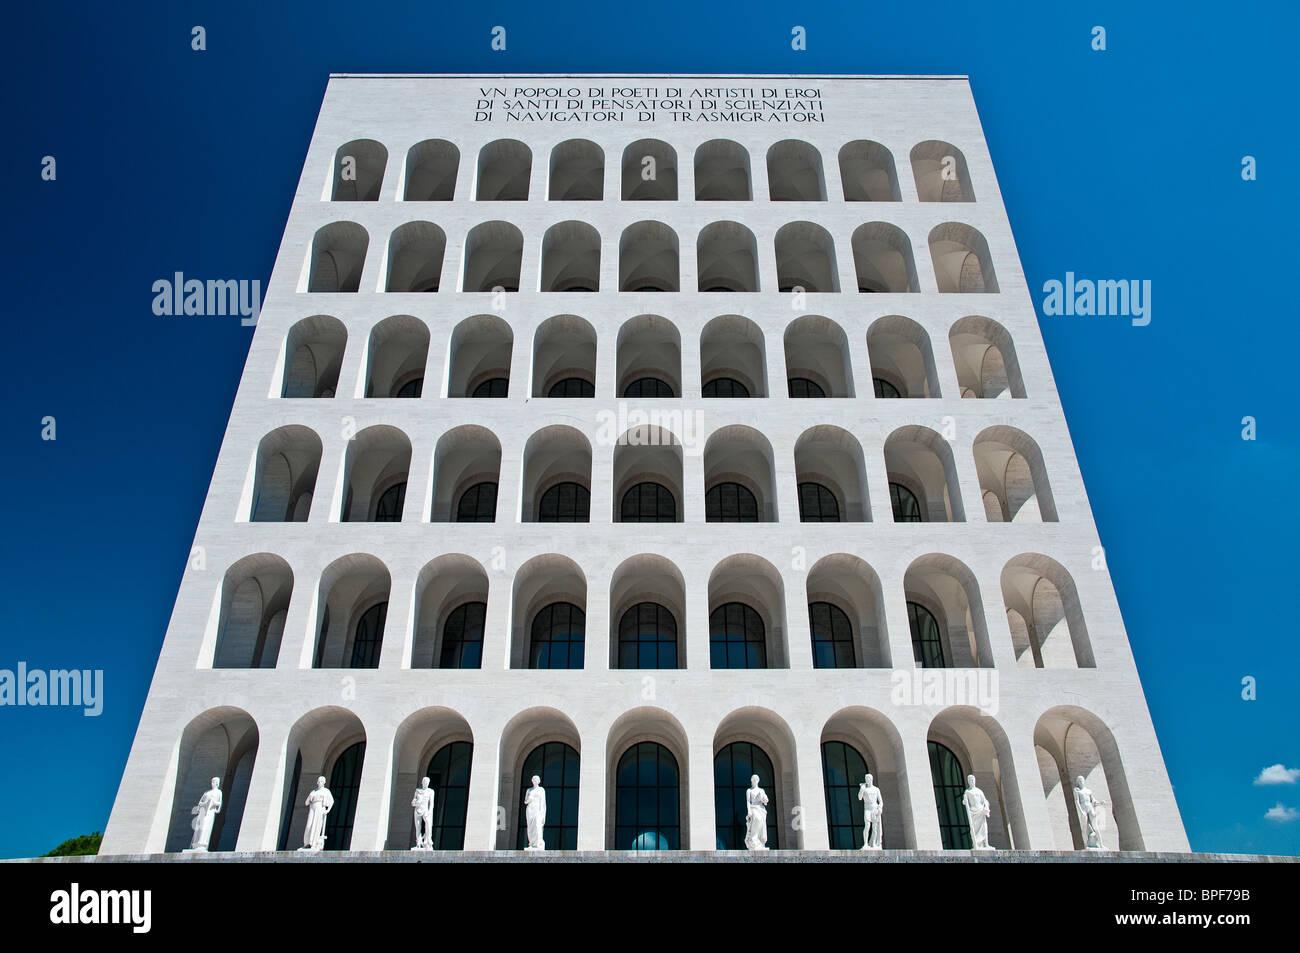 Palazzo della Civiltà Italiana edificio, icona della architettura fascista, quartiere EUR di Roma, Italia Immagini Stock